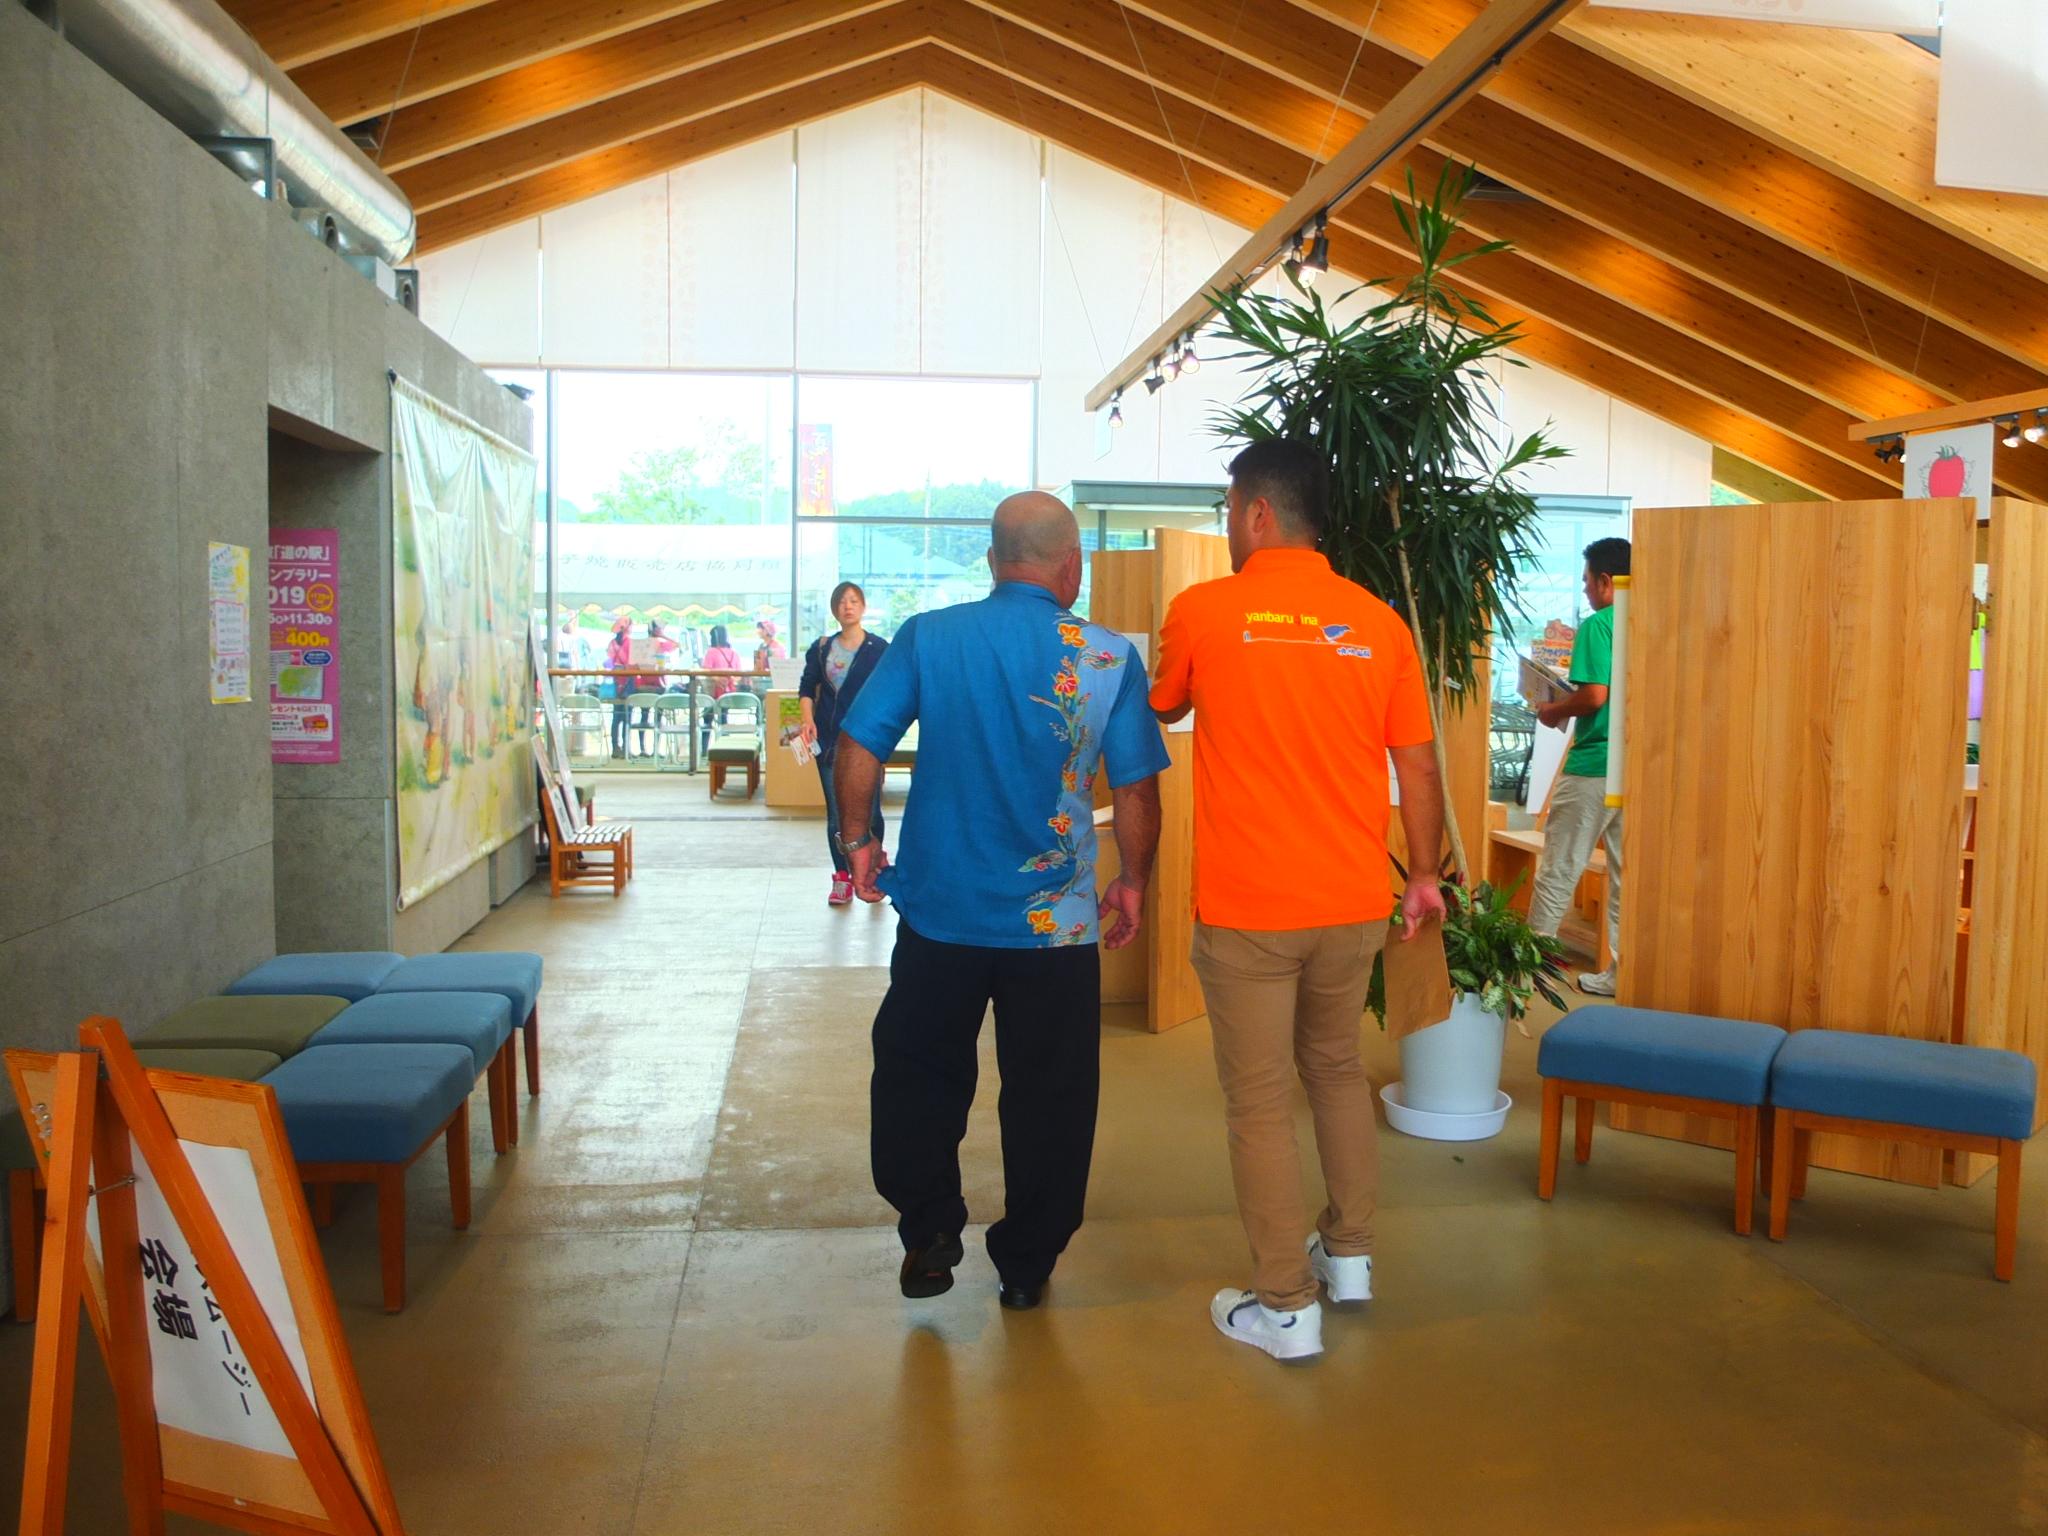 【道の駅ましこを視察出張2日目】ドライフルーツを作っているアンさんを訪問した後、利根川花火大会を見てきました!